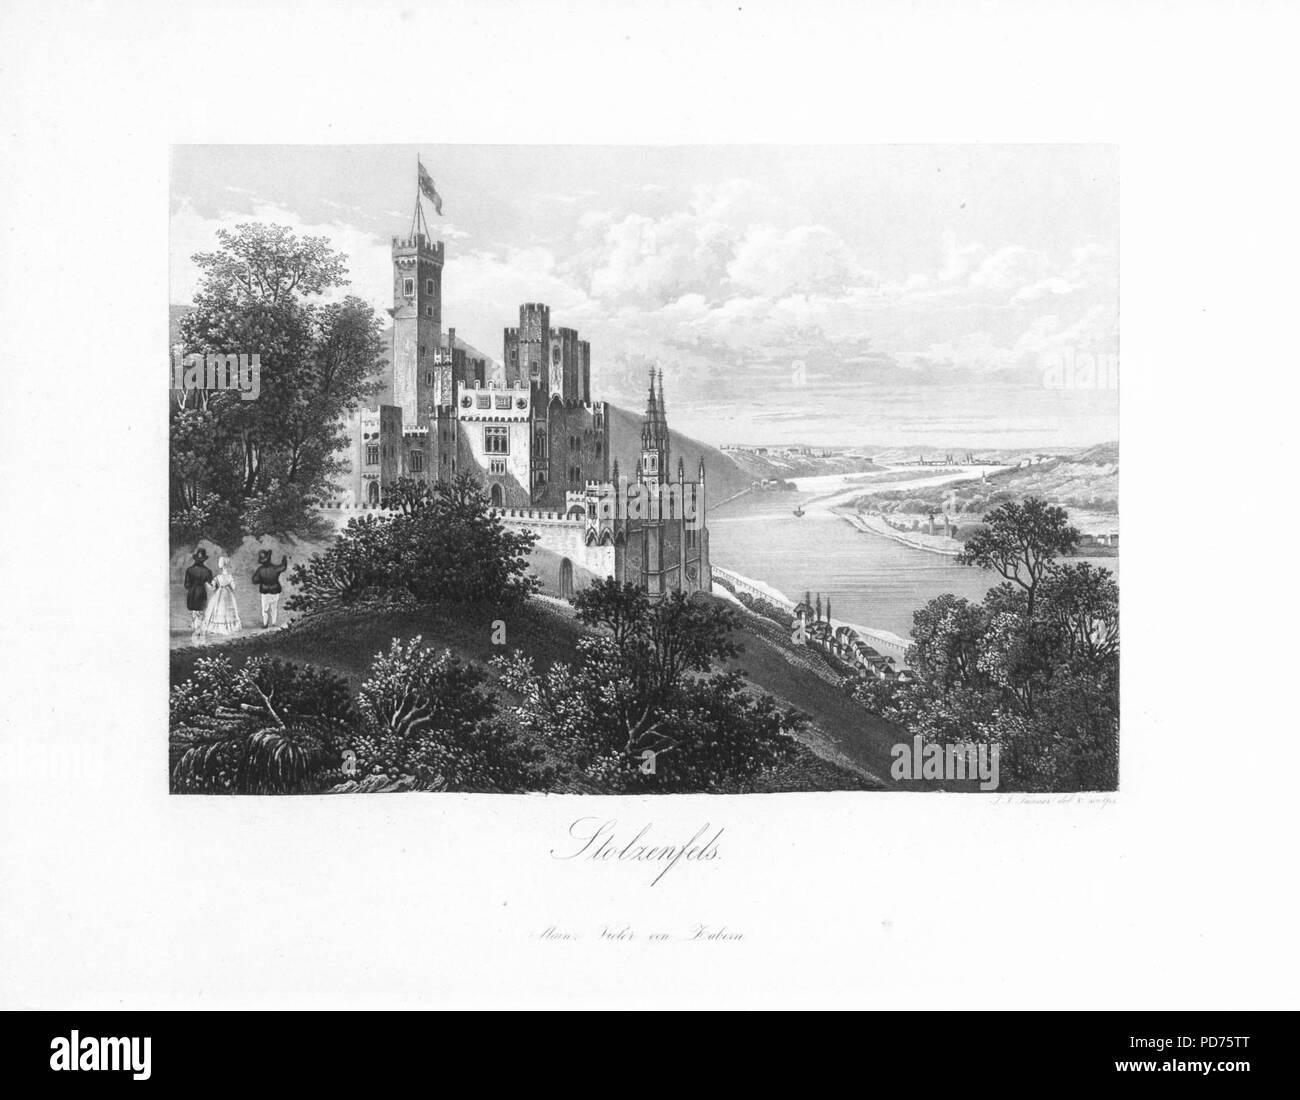 Andenken an den Rhein (1840) 018. - Stock Image